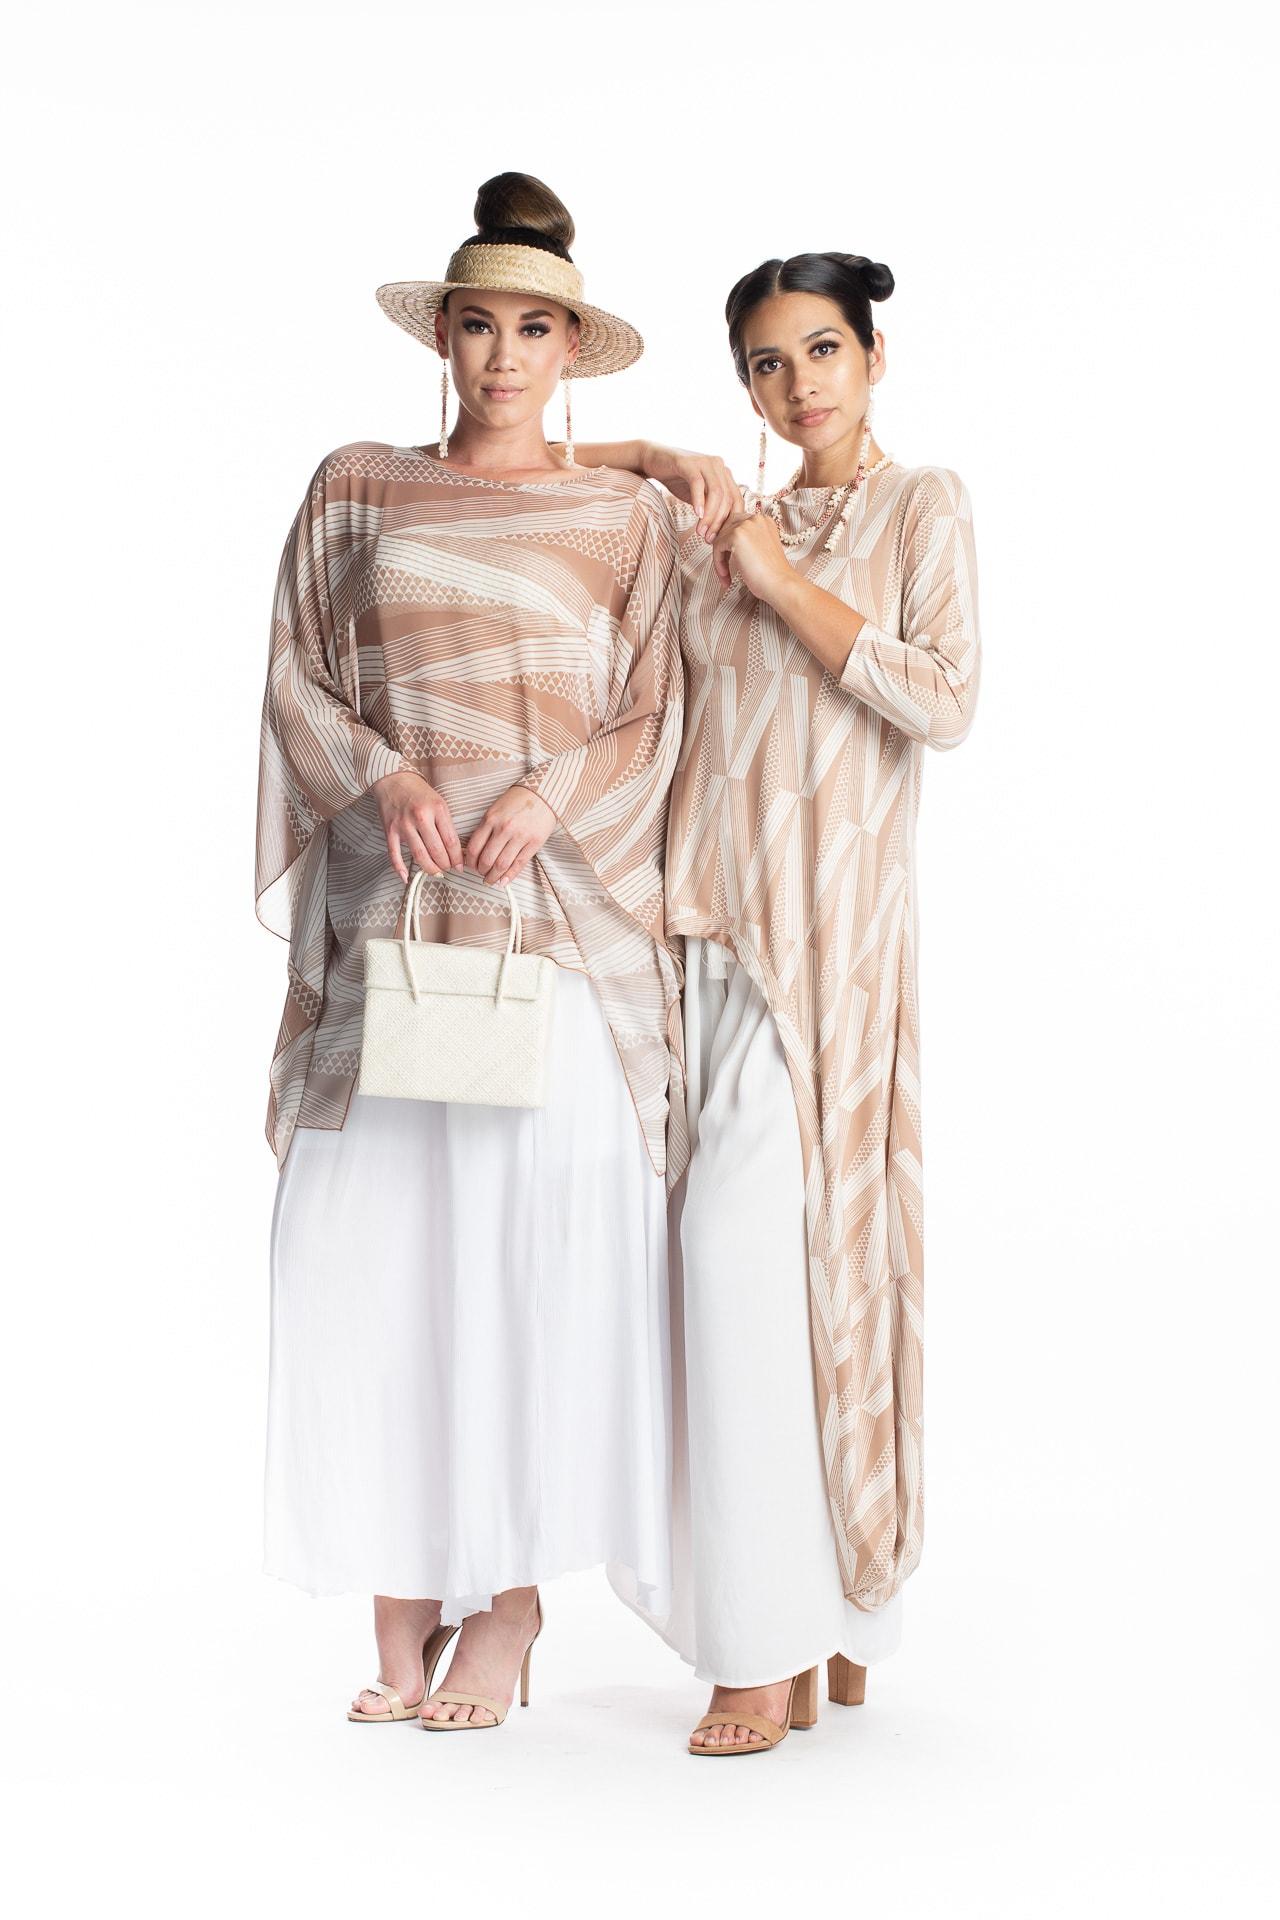 Two female models wearing Kinolau Pattern Shirts